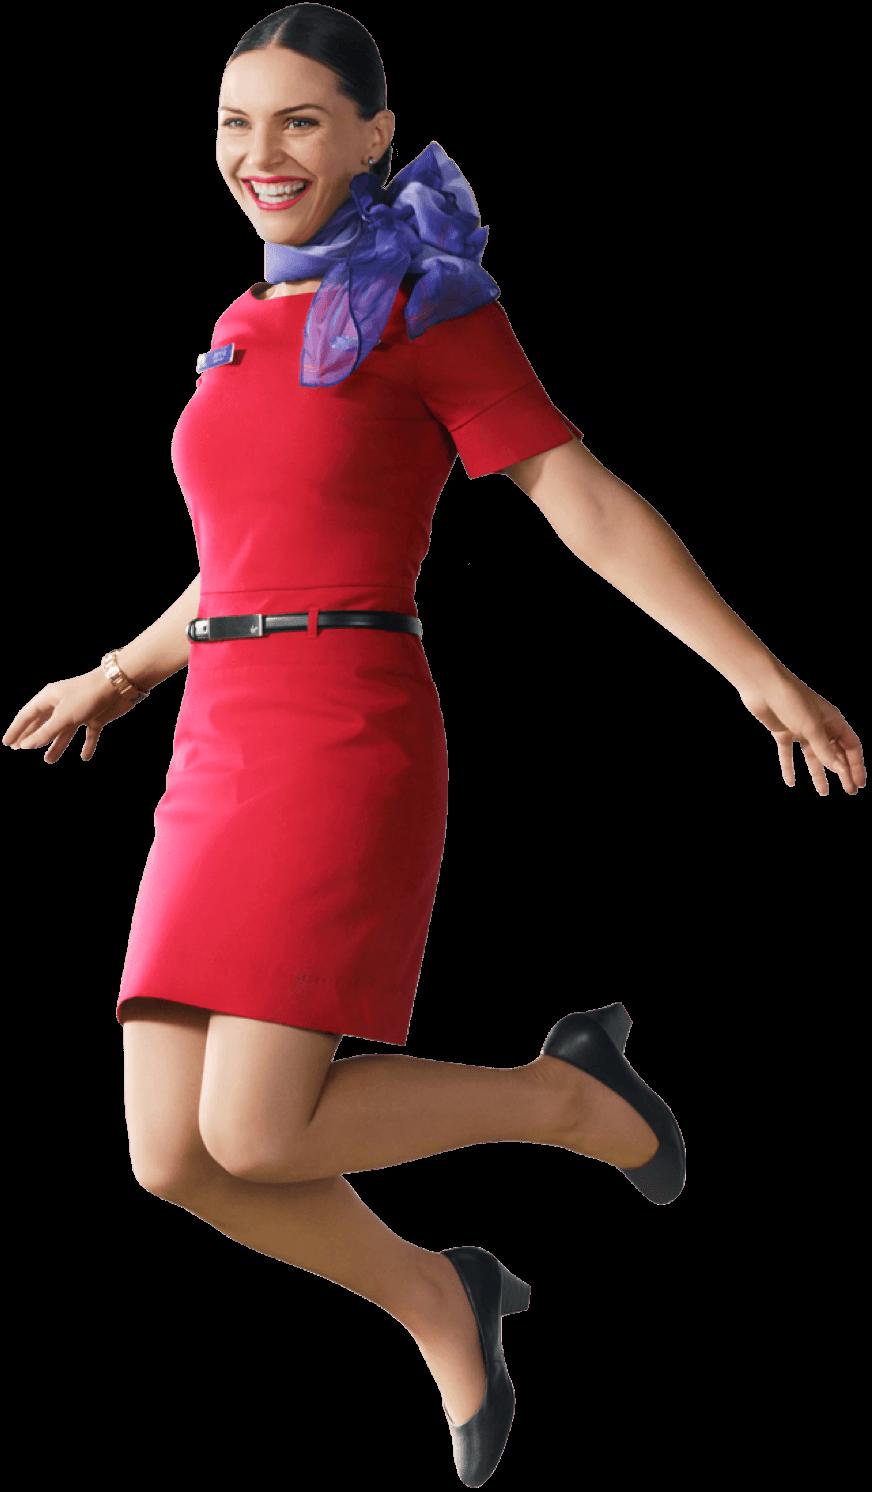 雲の上に浮かんでいるヴァージン・オーストラリア女性客室乗務員